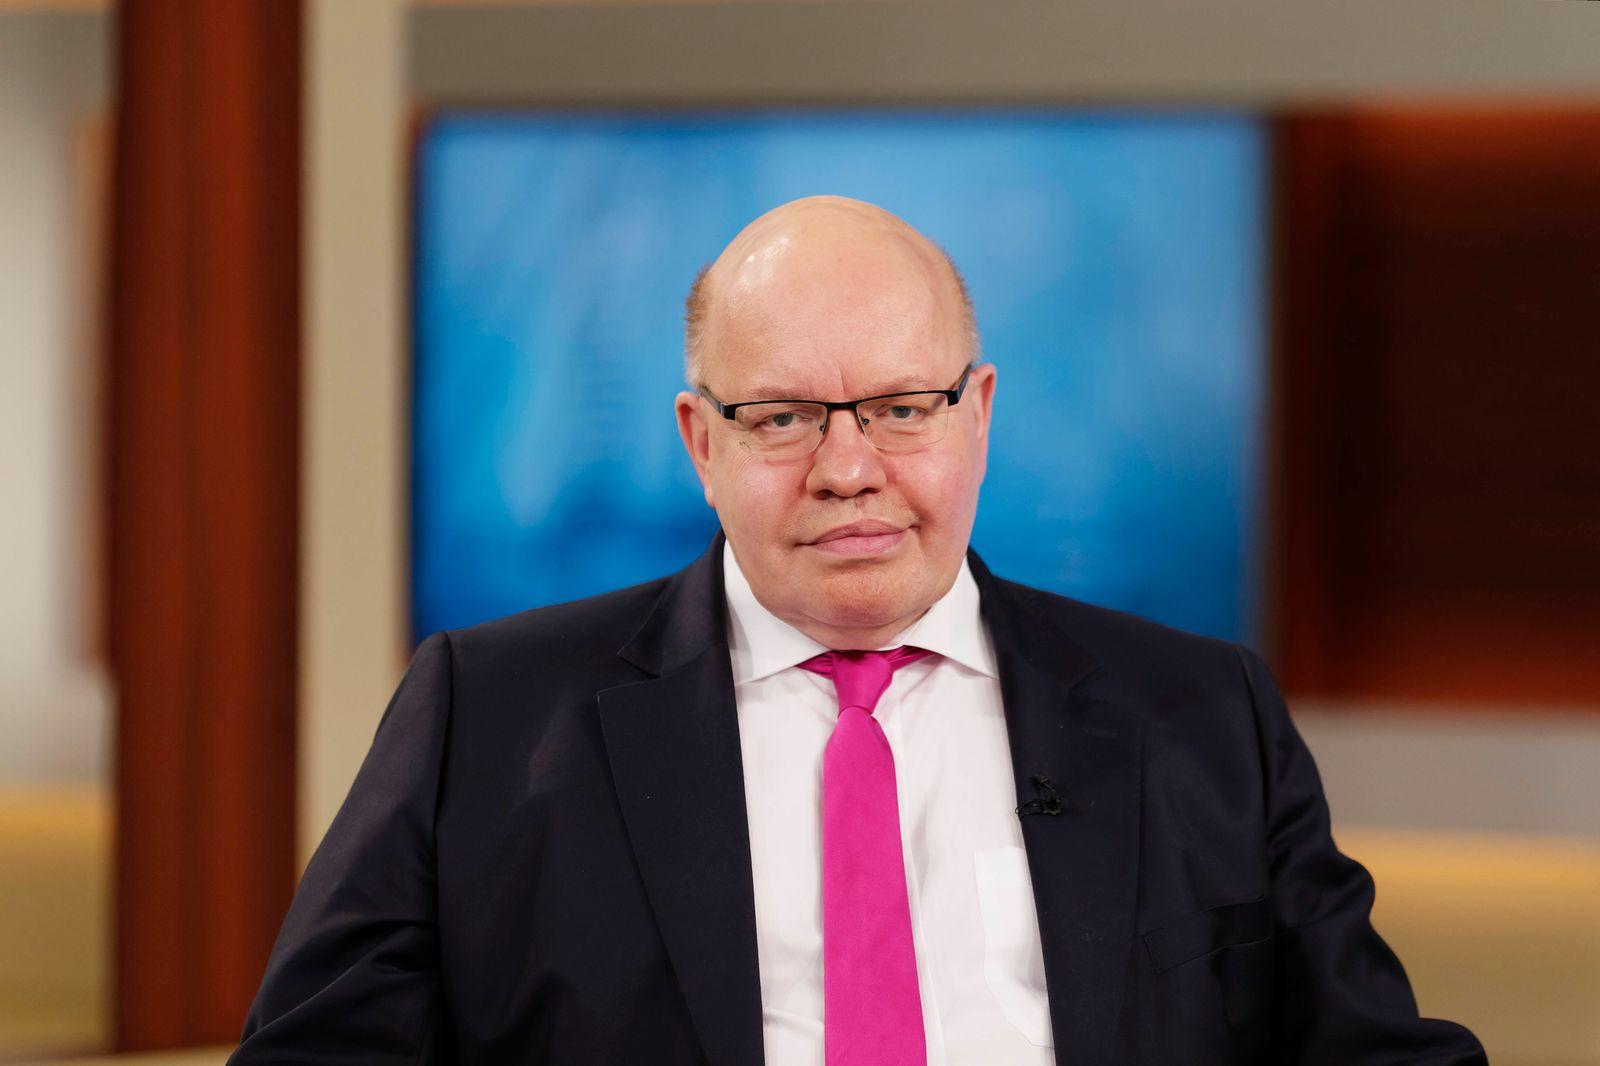 Peter Altmaier 2021-04-18, Deutschland, Berlin - Peter Altmaier (CDU), Bundesminister für Wirtschaft und Energie, zu Ga